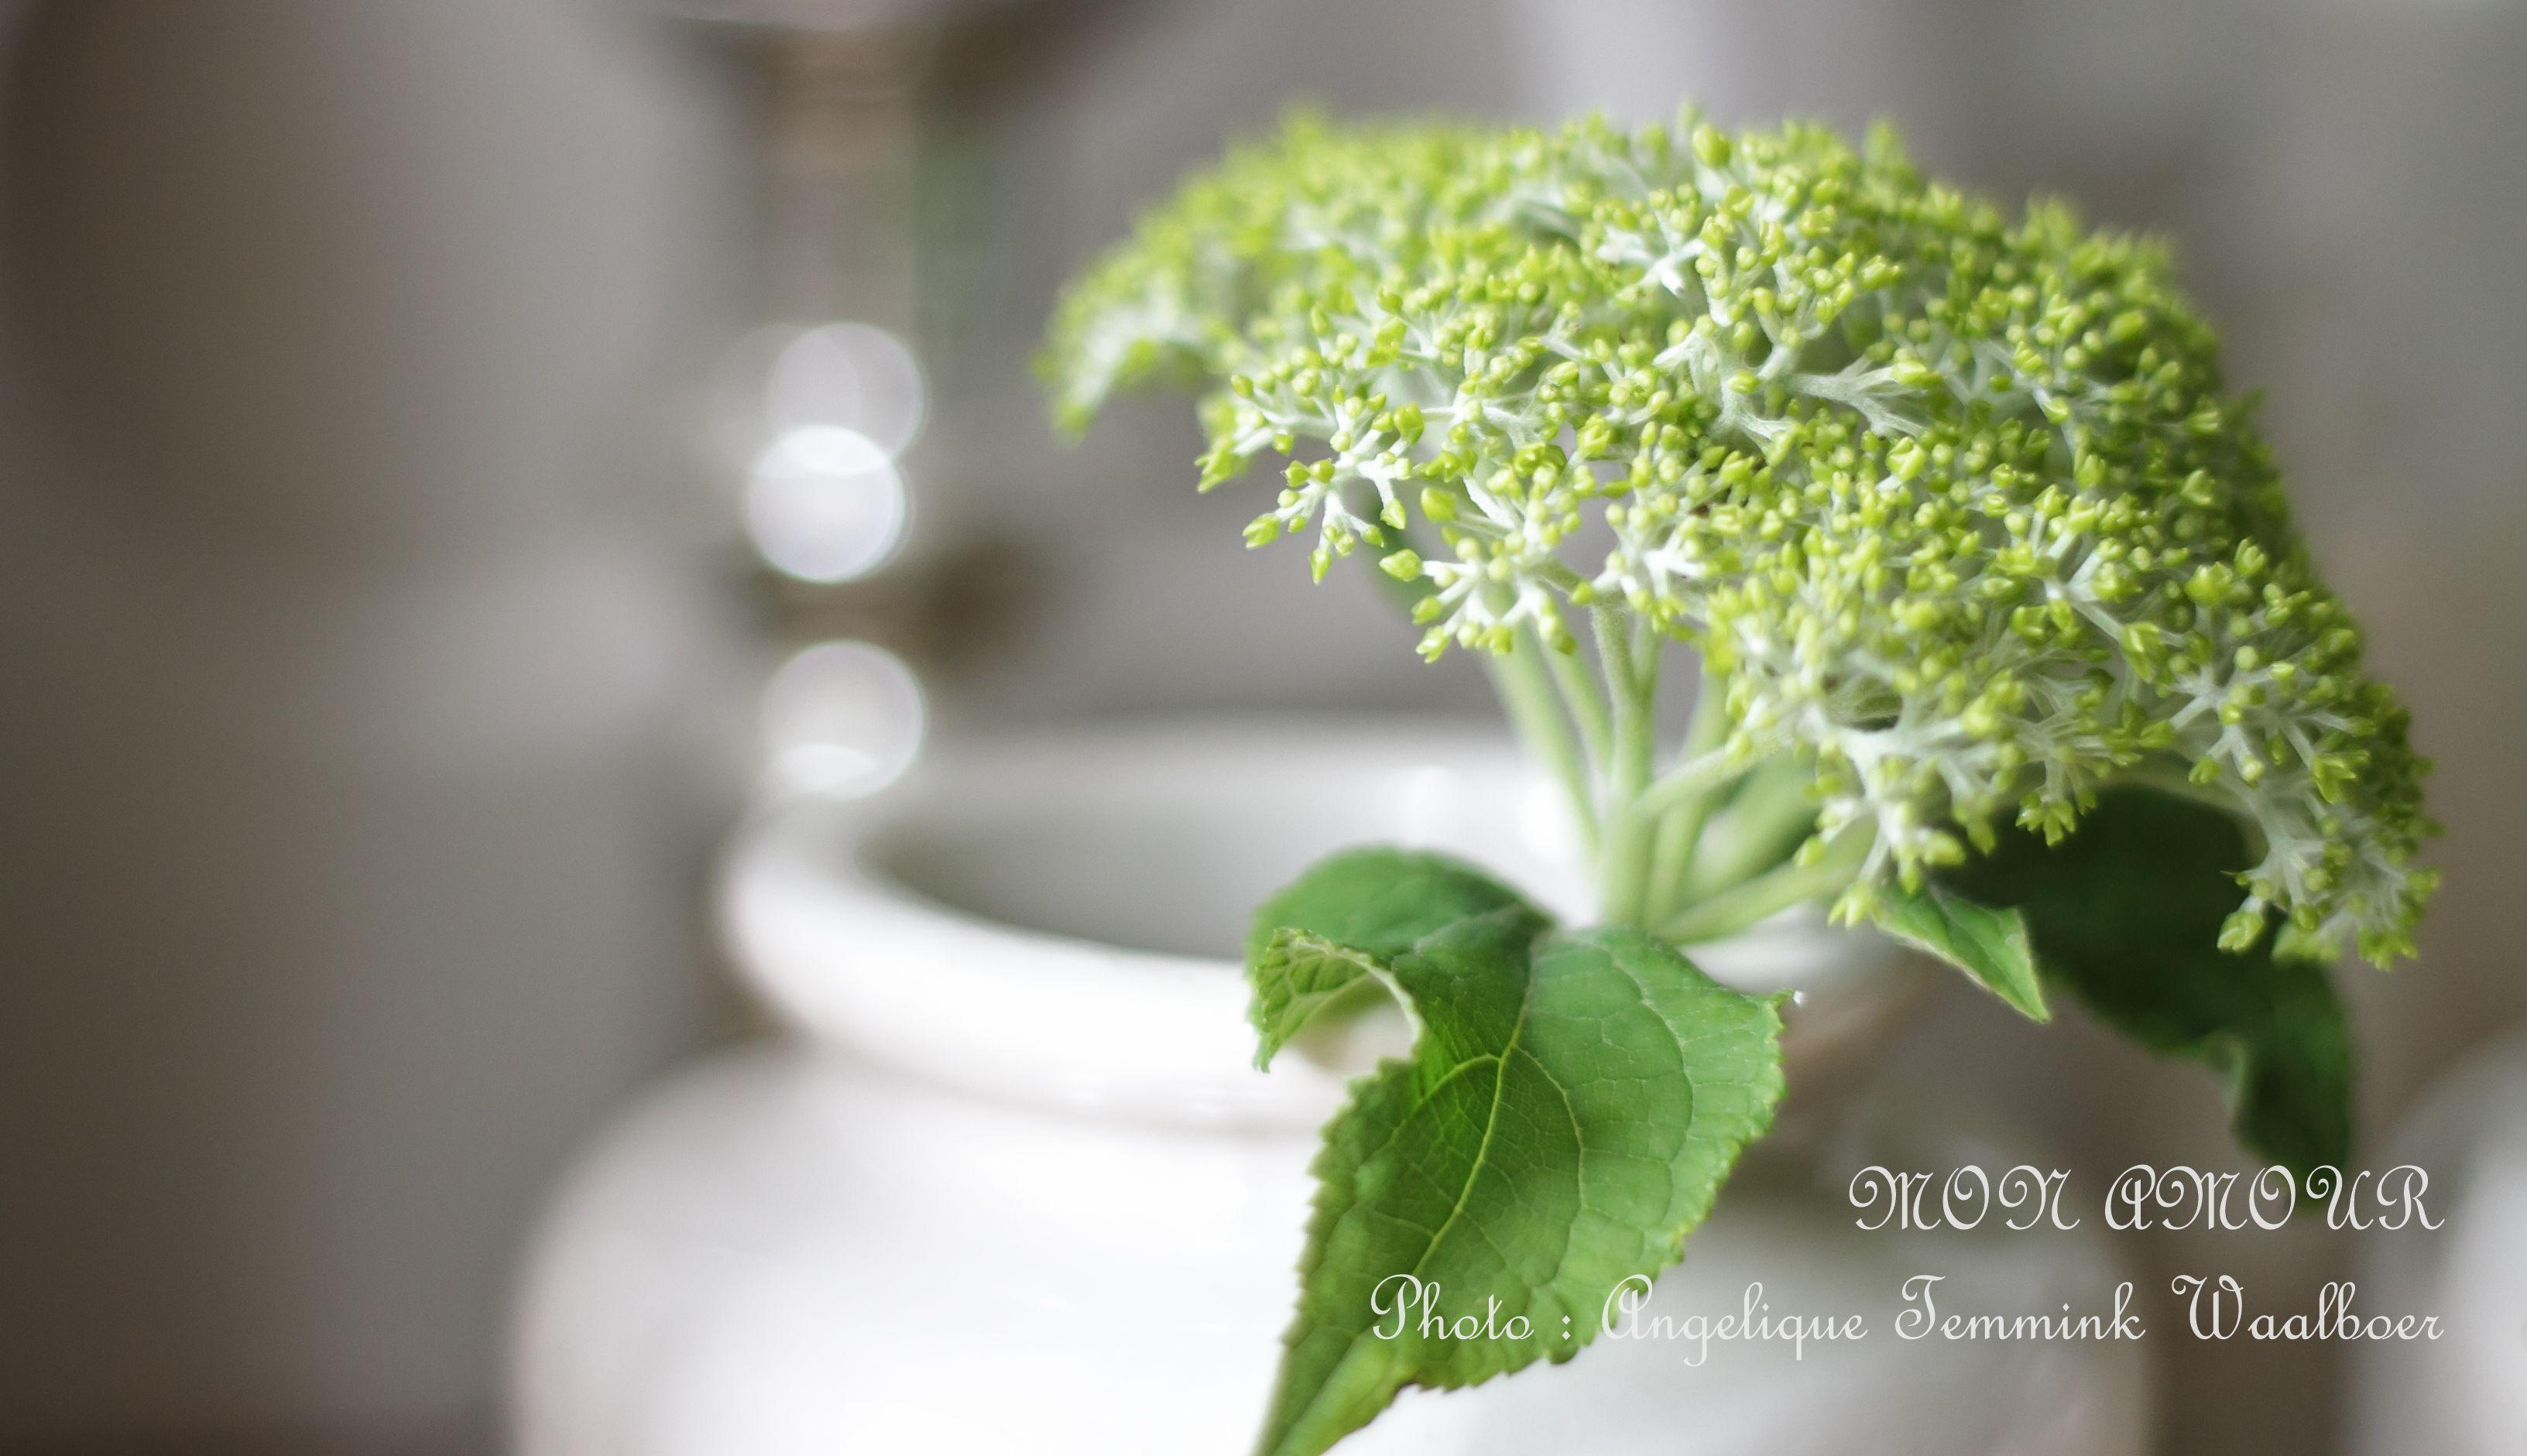 Mon Amour - ' Art de la Fleur ' - Sfeer - Interieur - Fotografie - Decoratie - Styling - Stijlen - Brocante - Frans - Groendecoratie - Bloemen - tuin - Sfeerhoekjes - Angelique Temmink Waalboer.